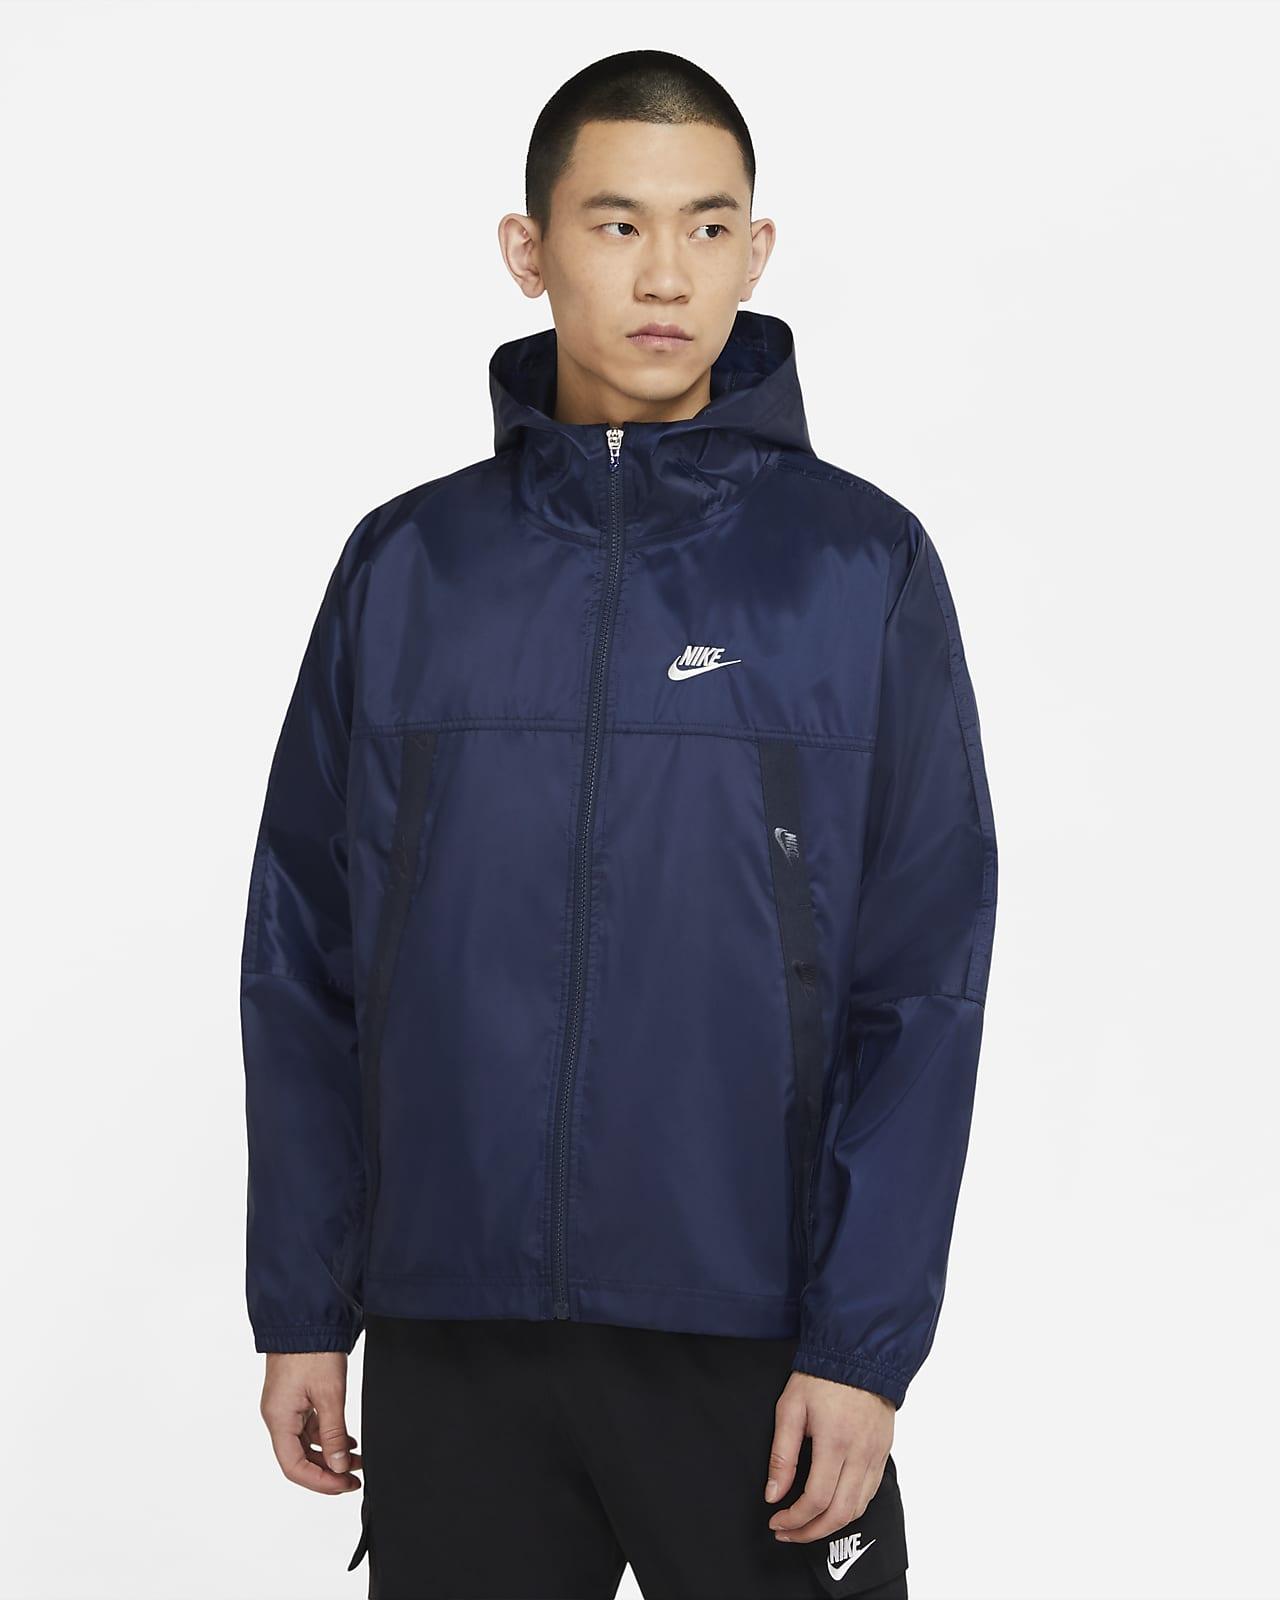 Nike Sportswear Revival Lightweight 男子梭织夹克